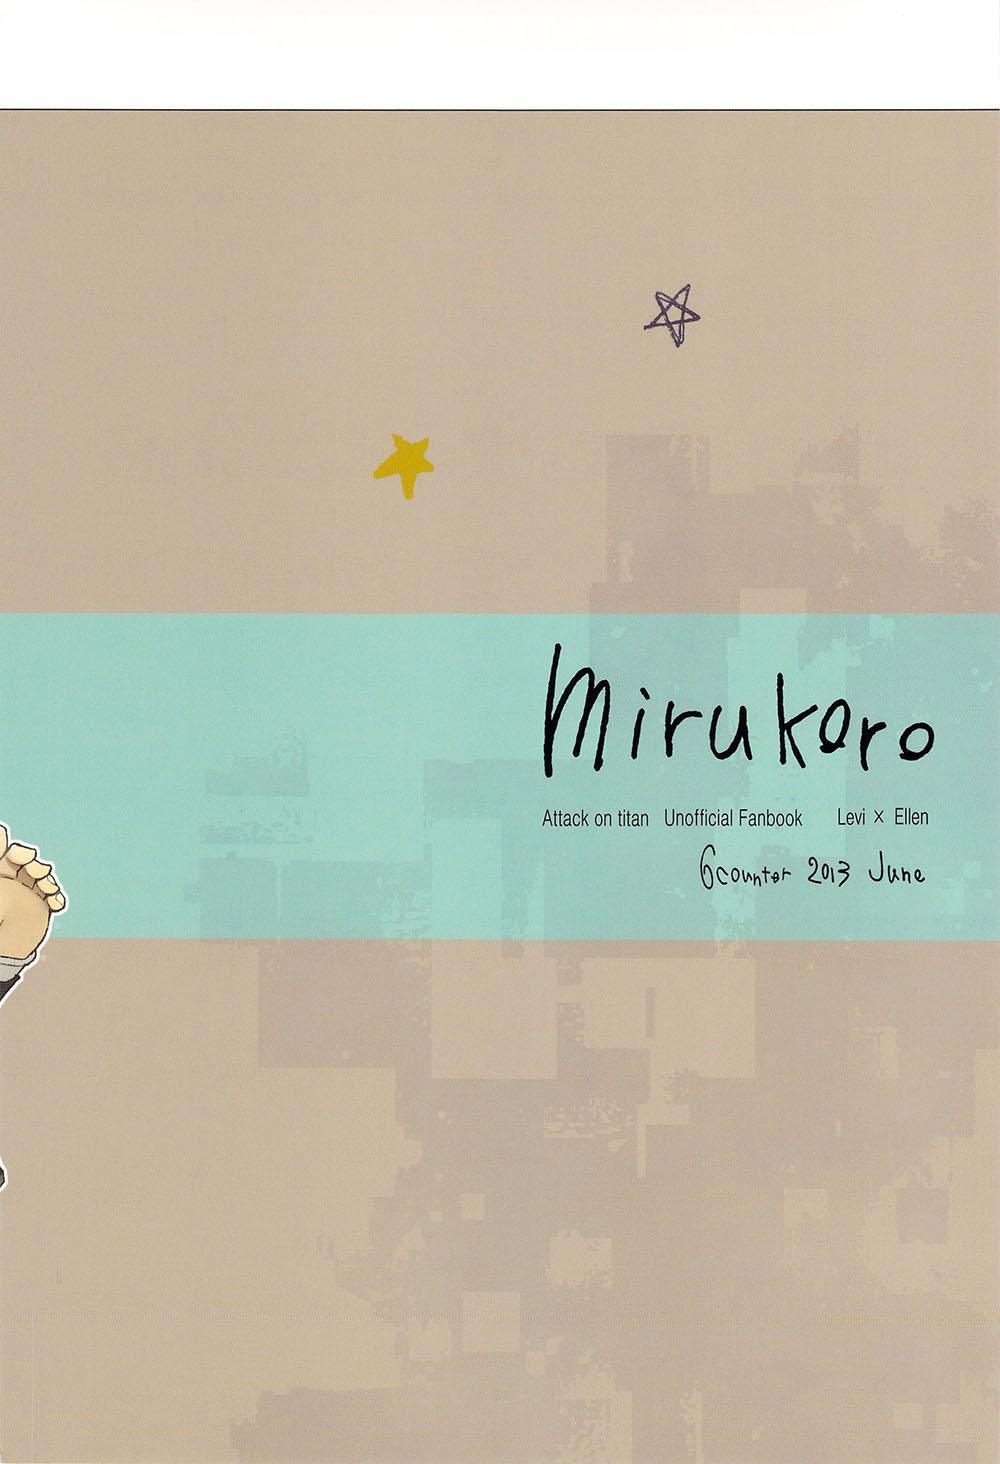 Mirukoro 21